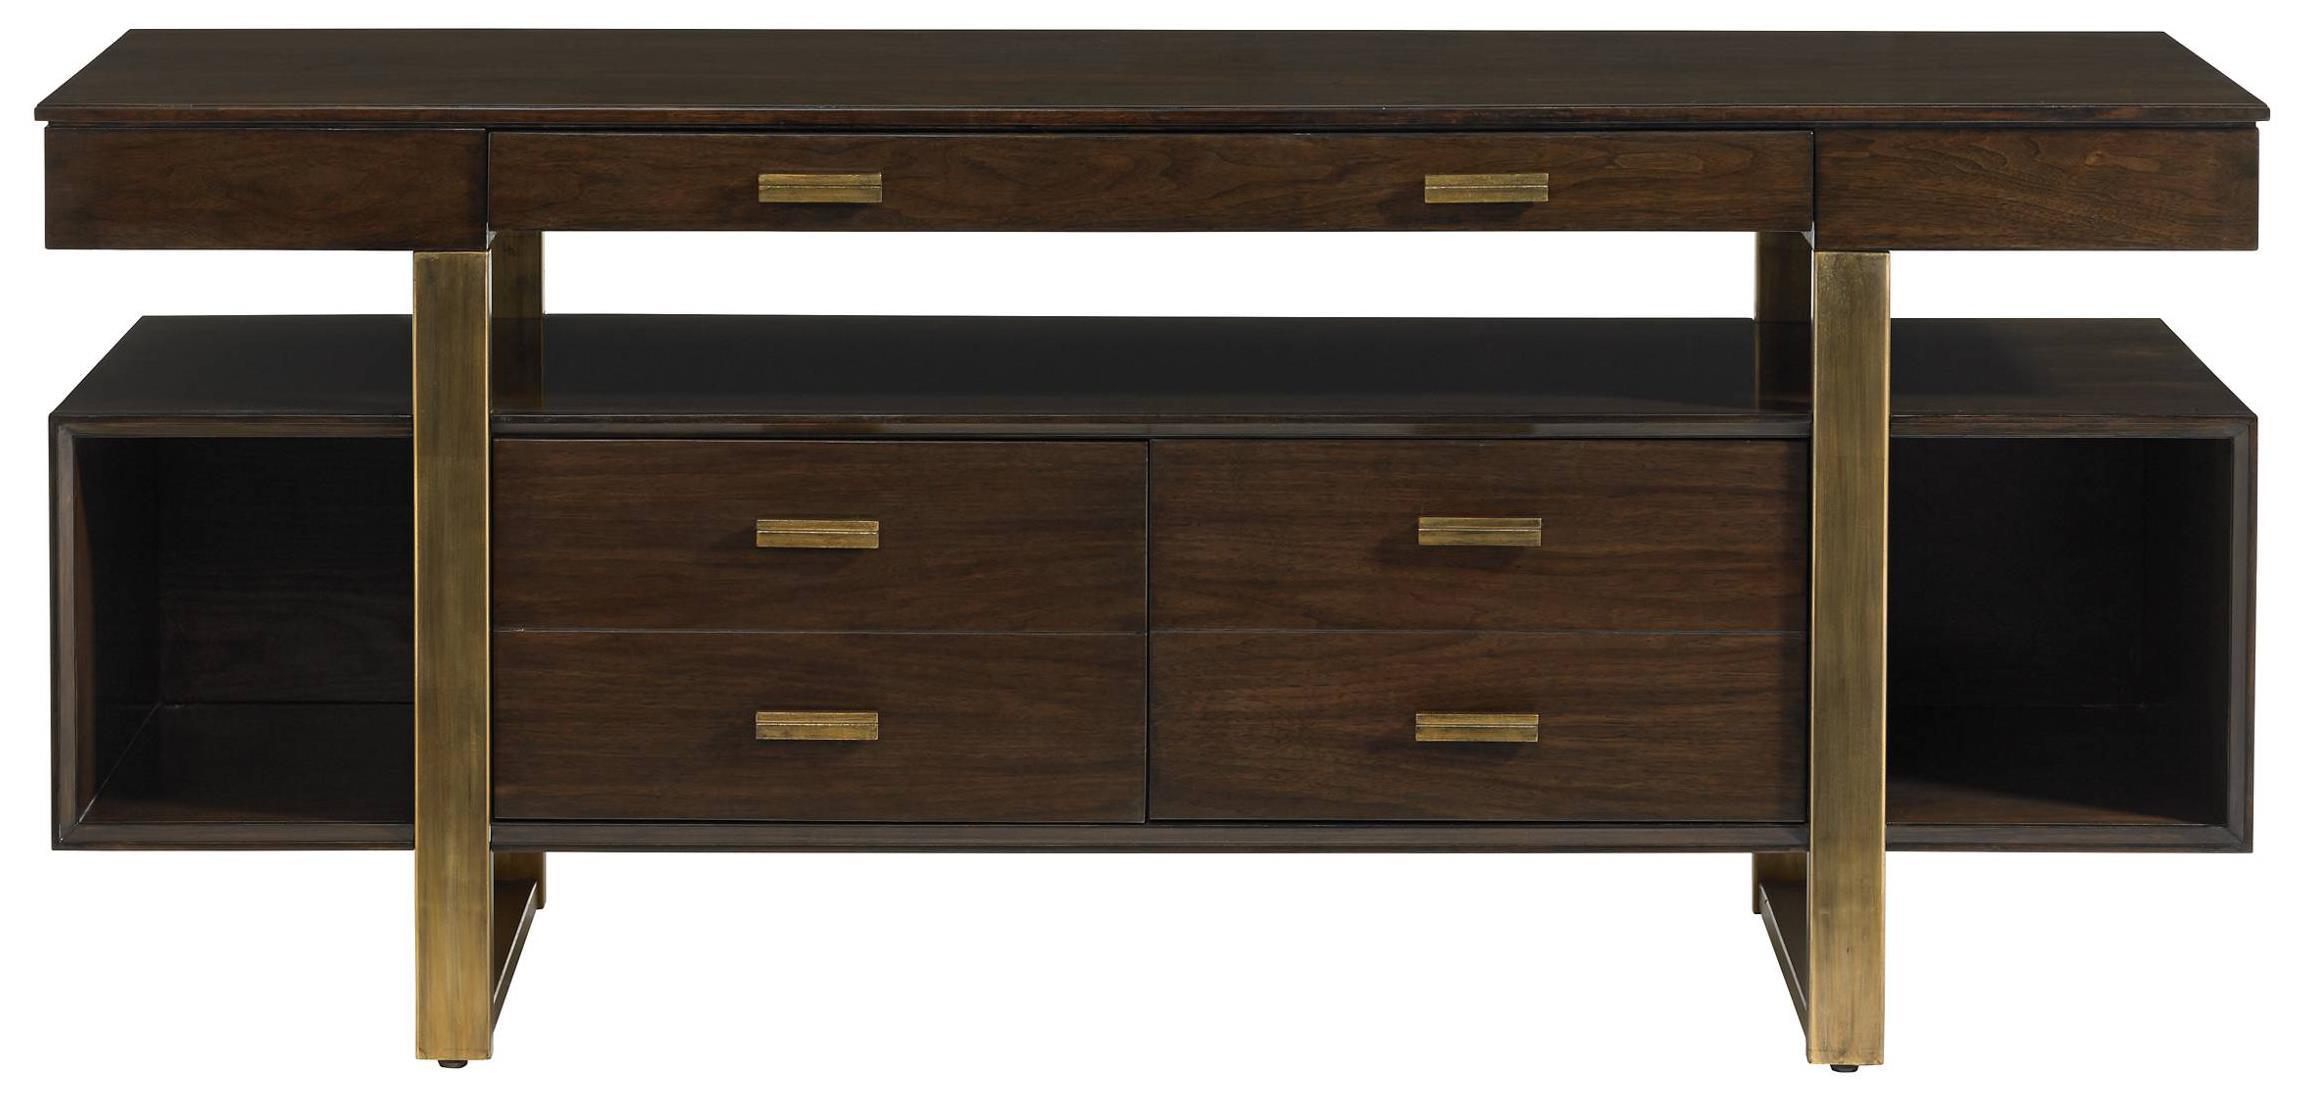 Stanley Furniture Crestaire Vincennes Credenza - Item Number: 436-15-42